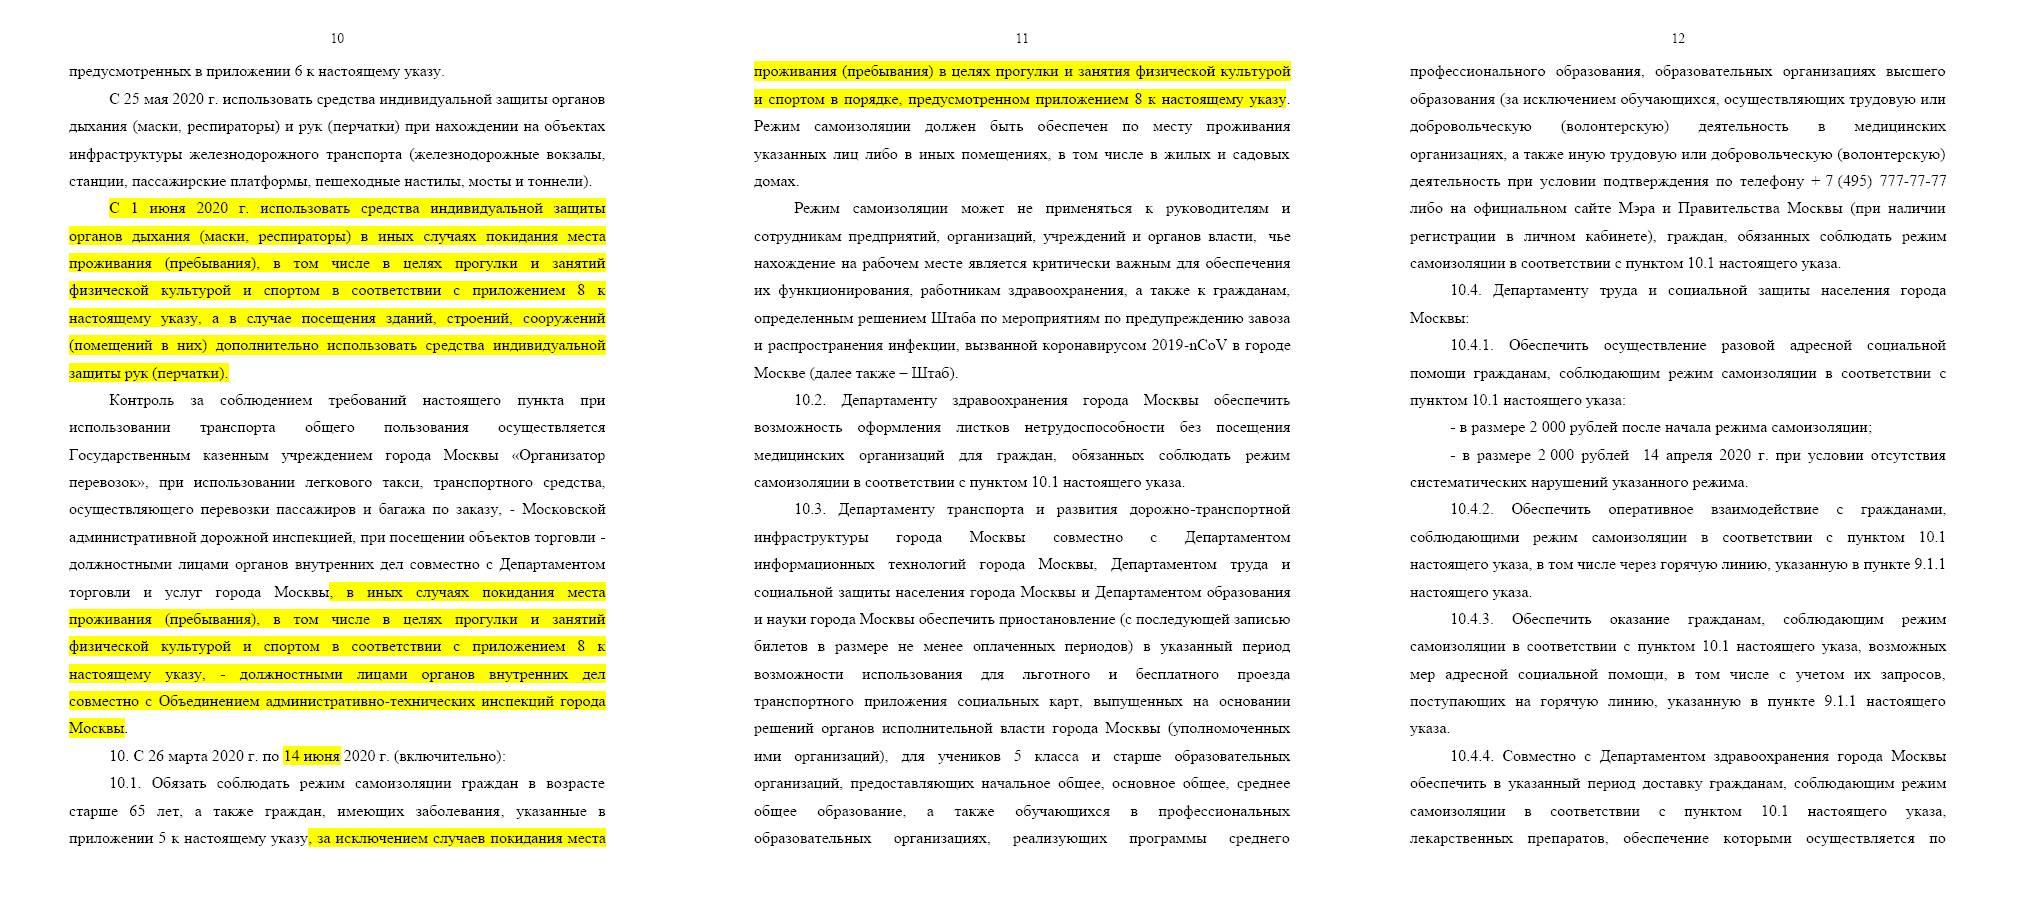 Указ Мэра Москвы от 27 мая 2020 г. No 61-УМ